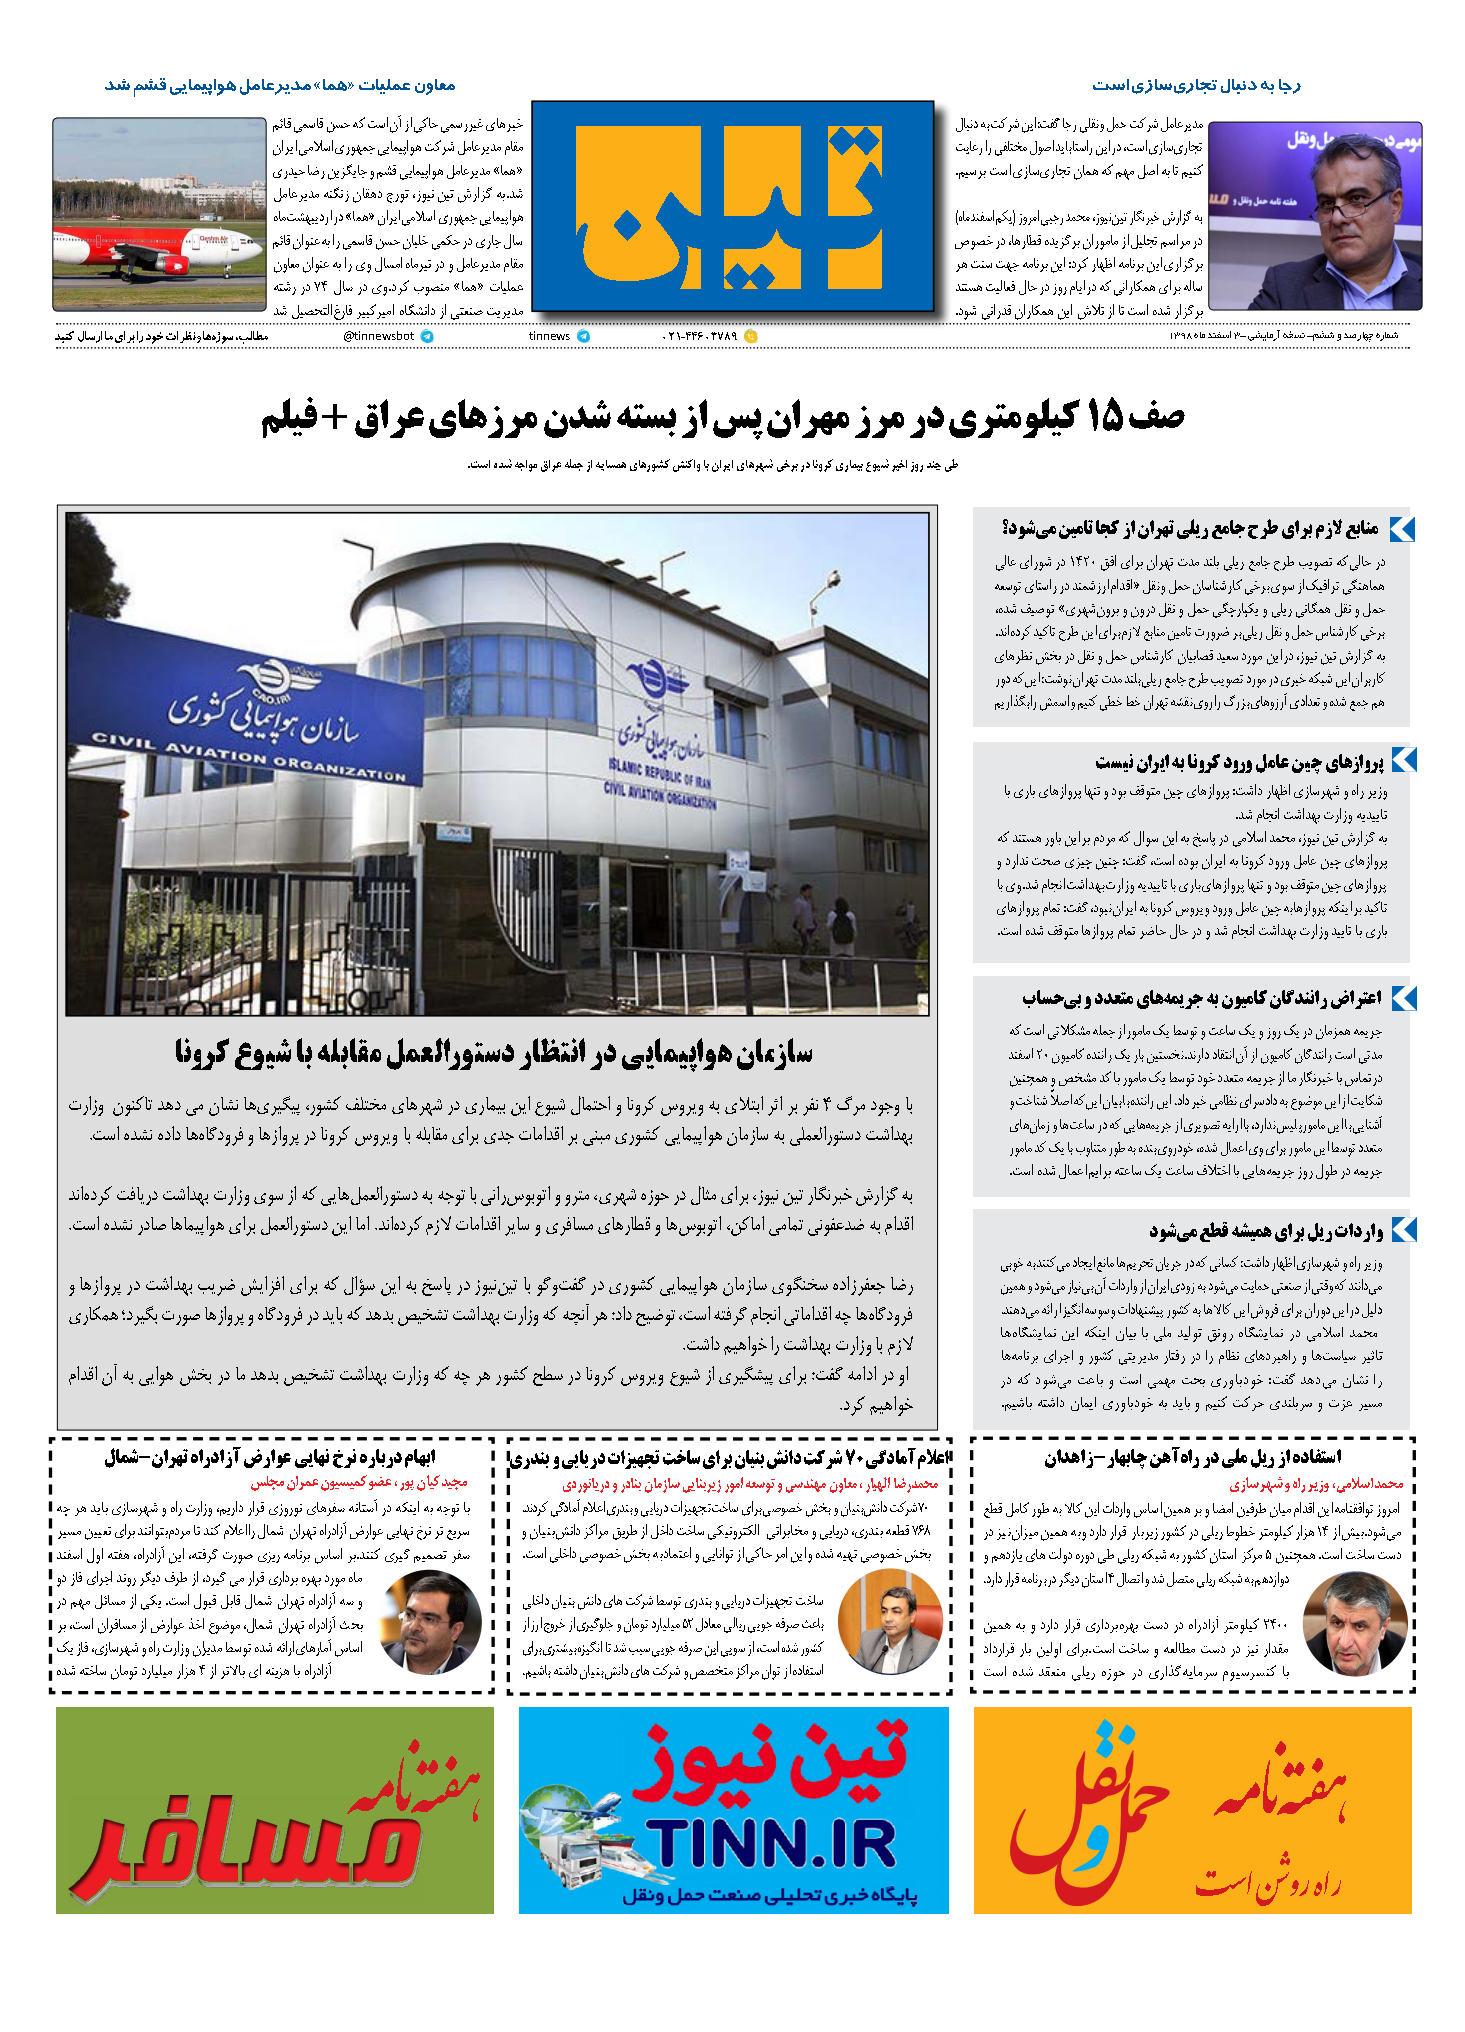 روزنامه الکترونیک 3 اسفندماه 98